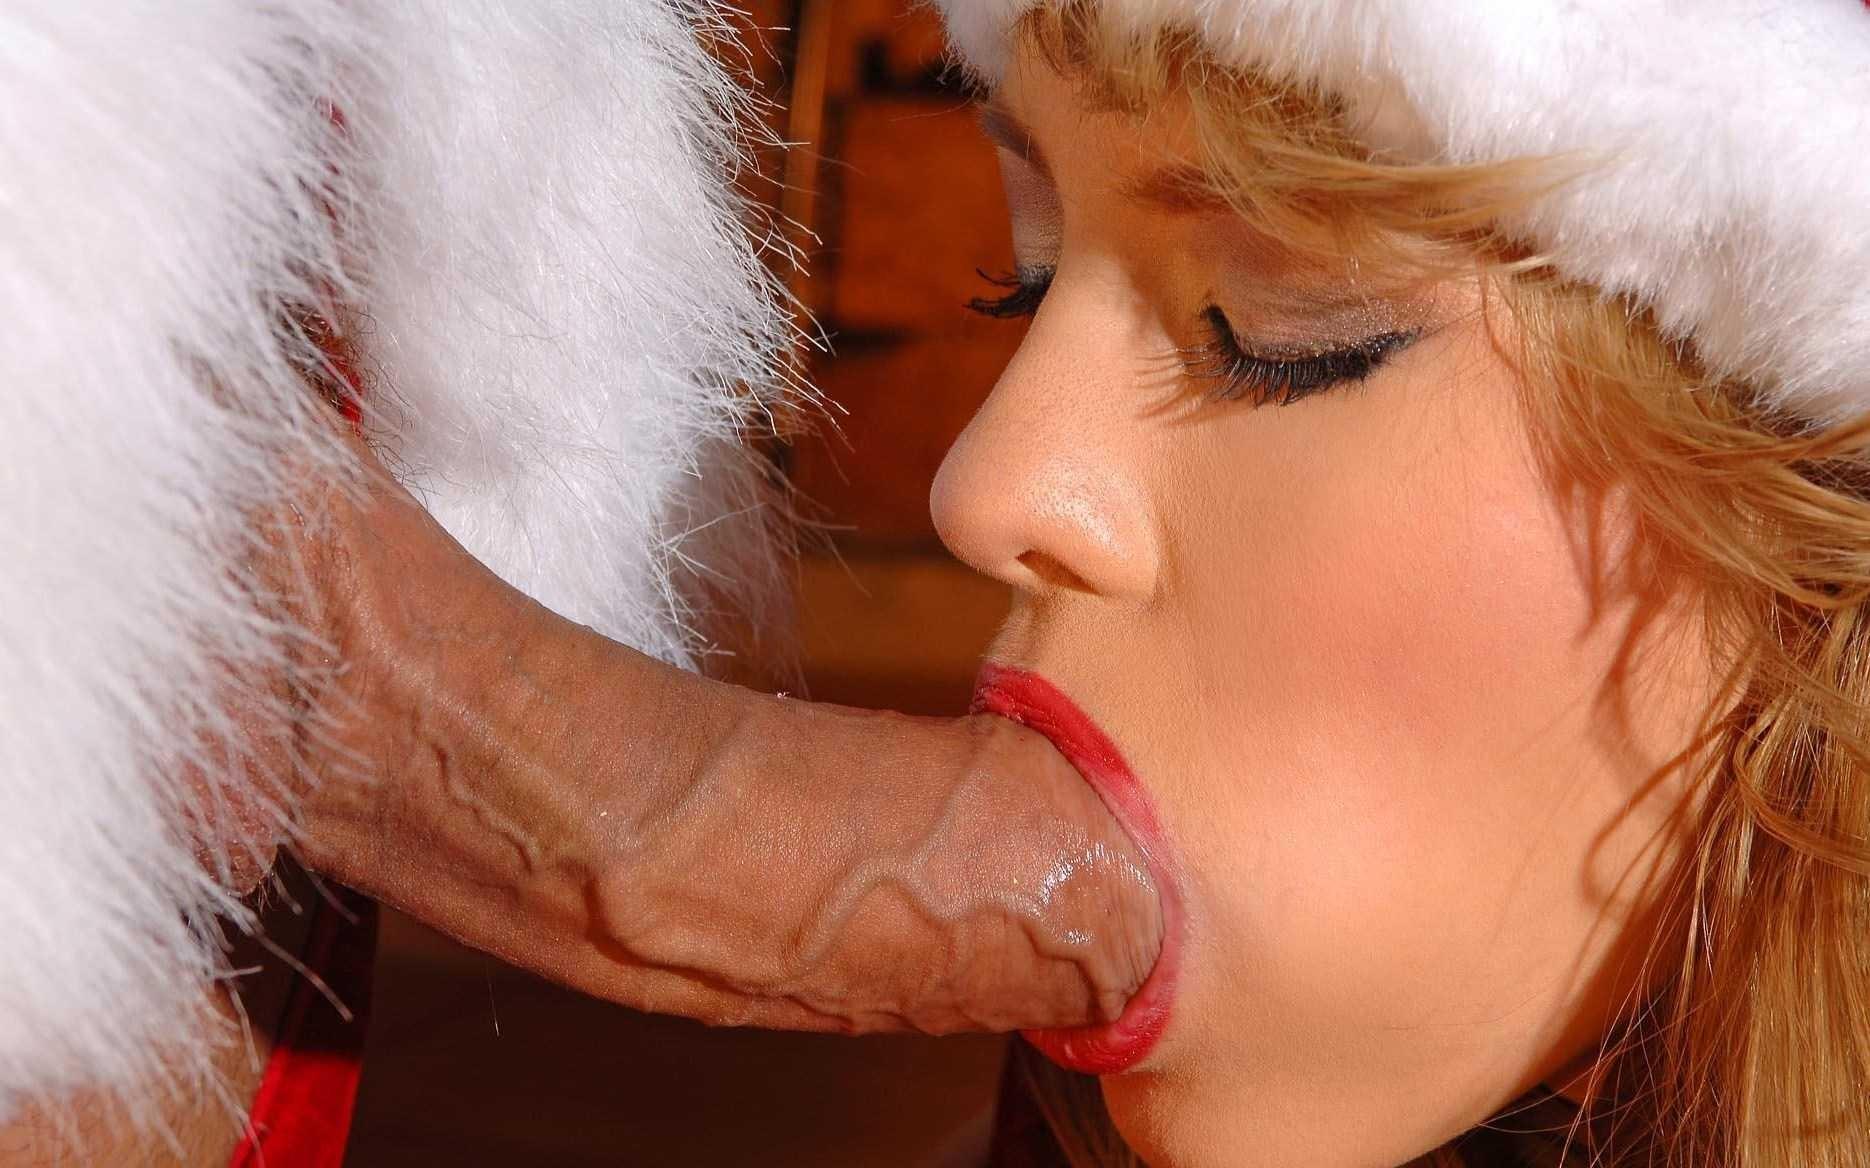 Снеговик трахает бабу, Брюнетка трахает снеговика или снеговик трахает 25 фотография